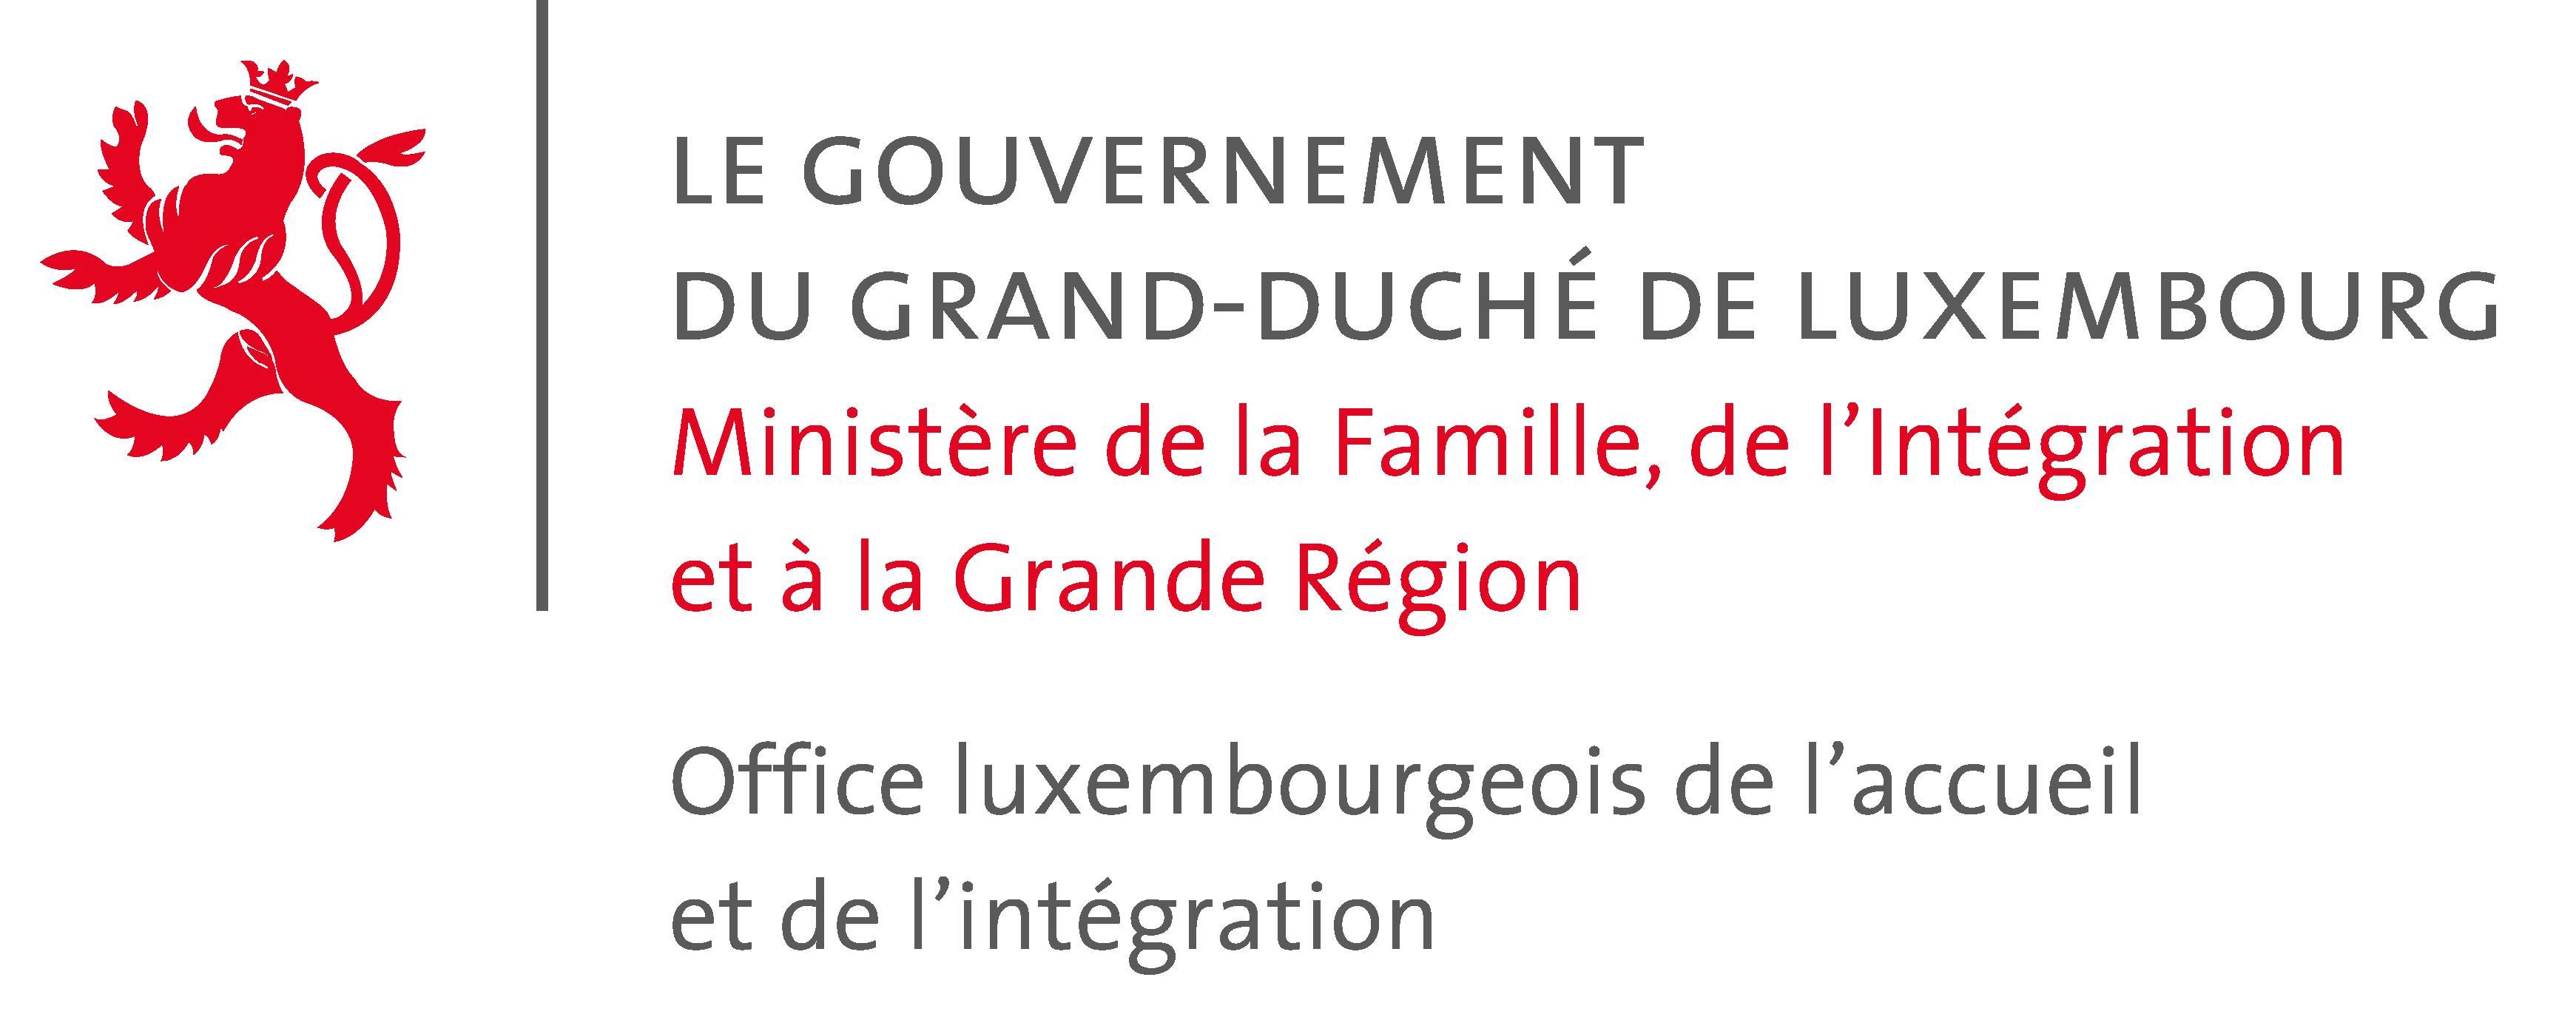 Office luxembourgeois de l'accueil et de l'intégration